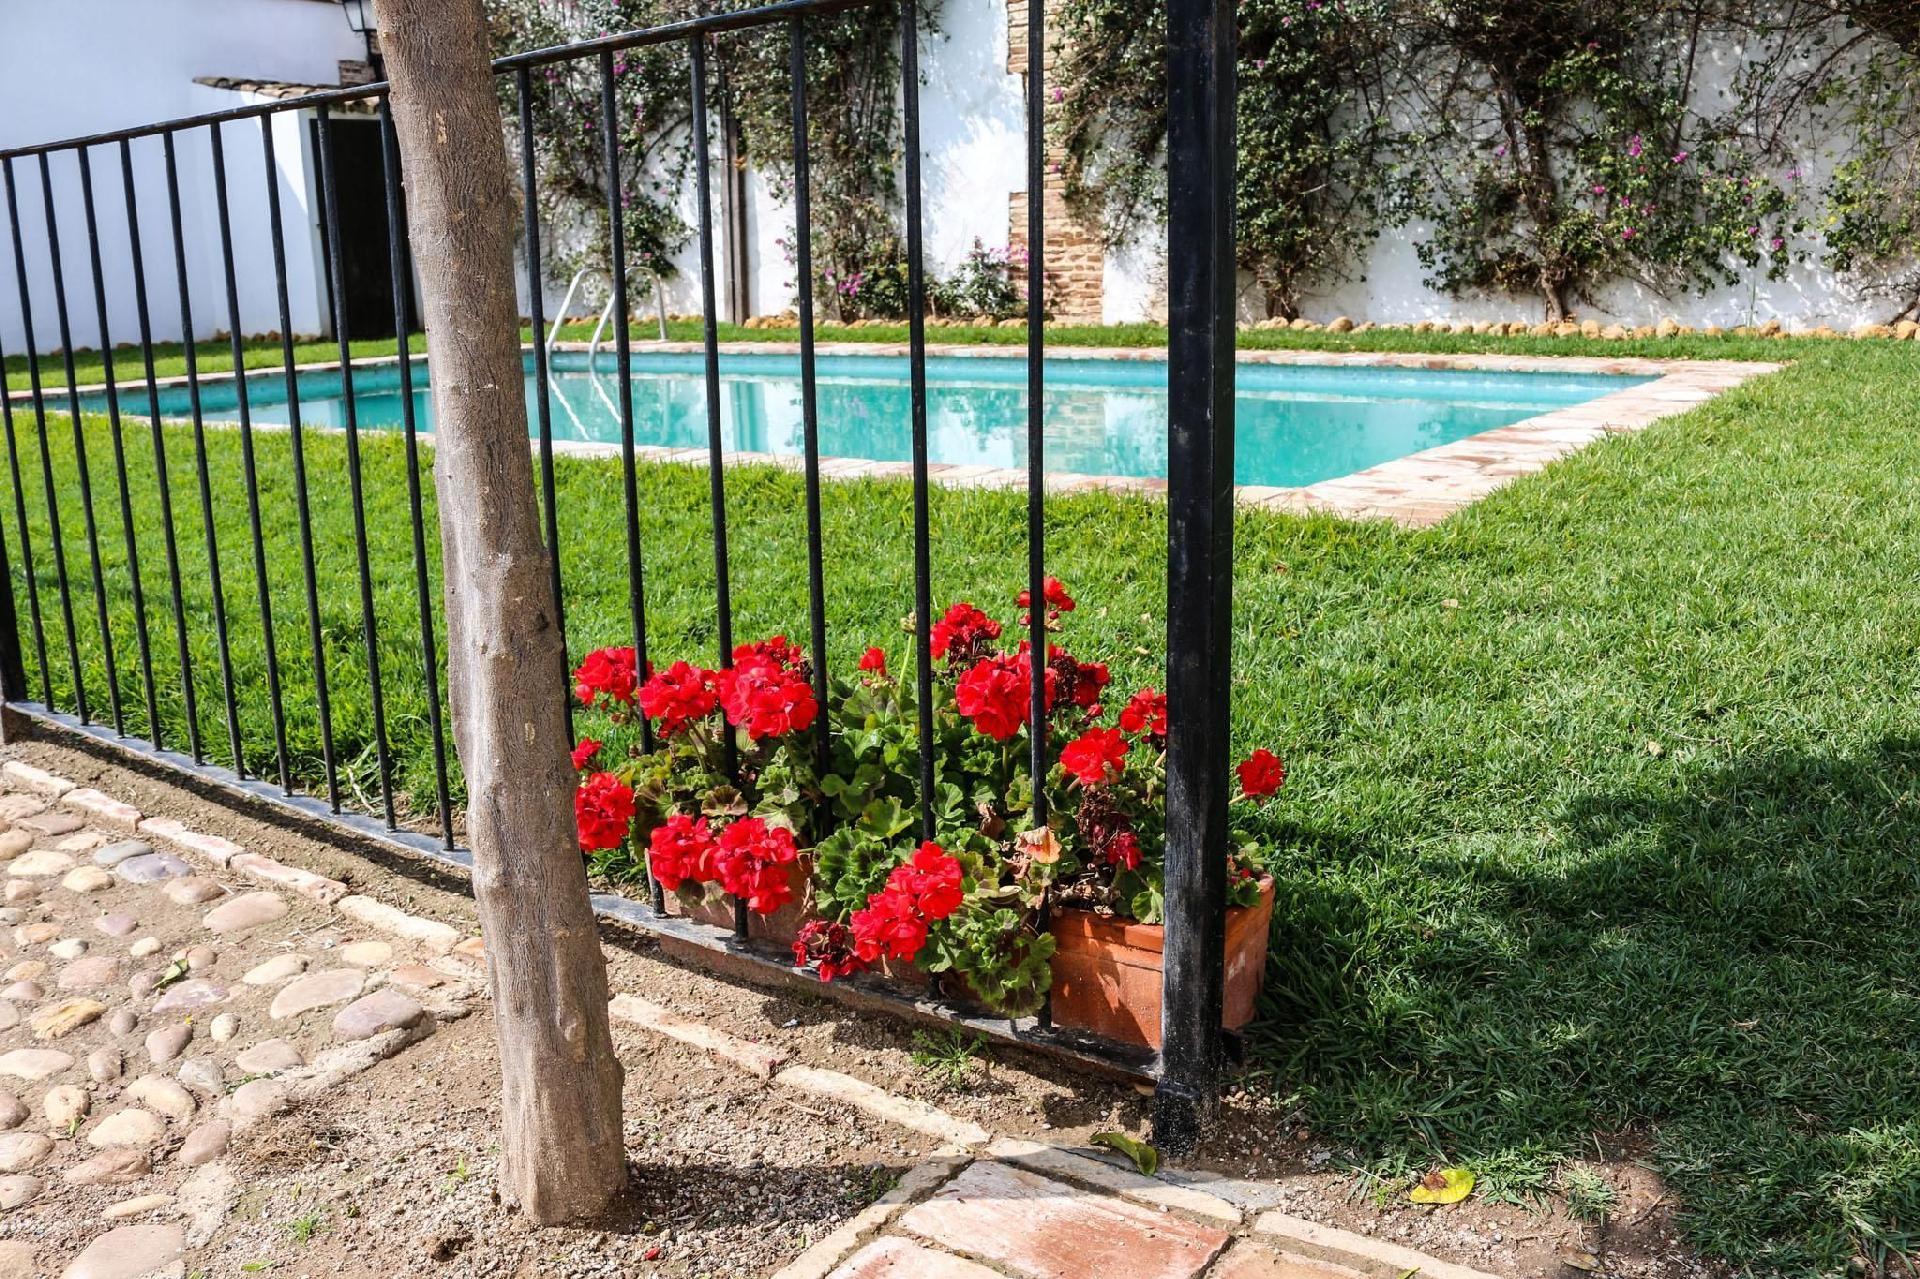 Ferienhaus für 4 Personen ca. 60 m² in E Bauernhof in Spanien